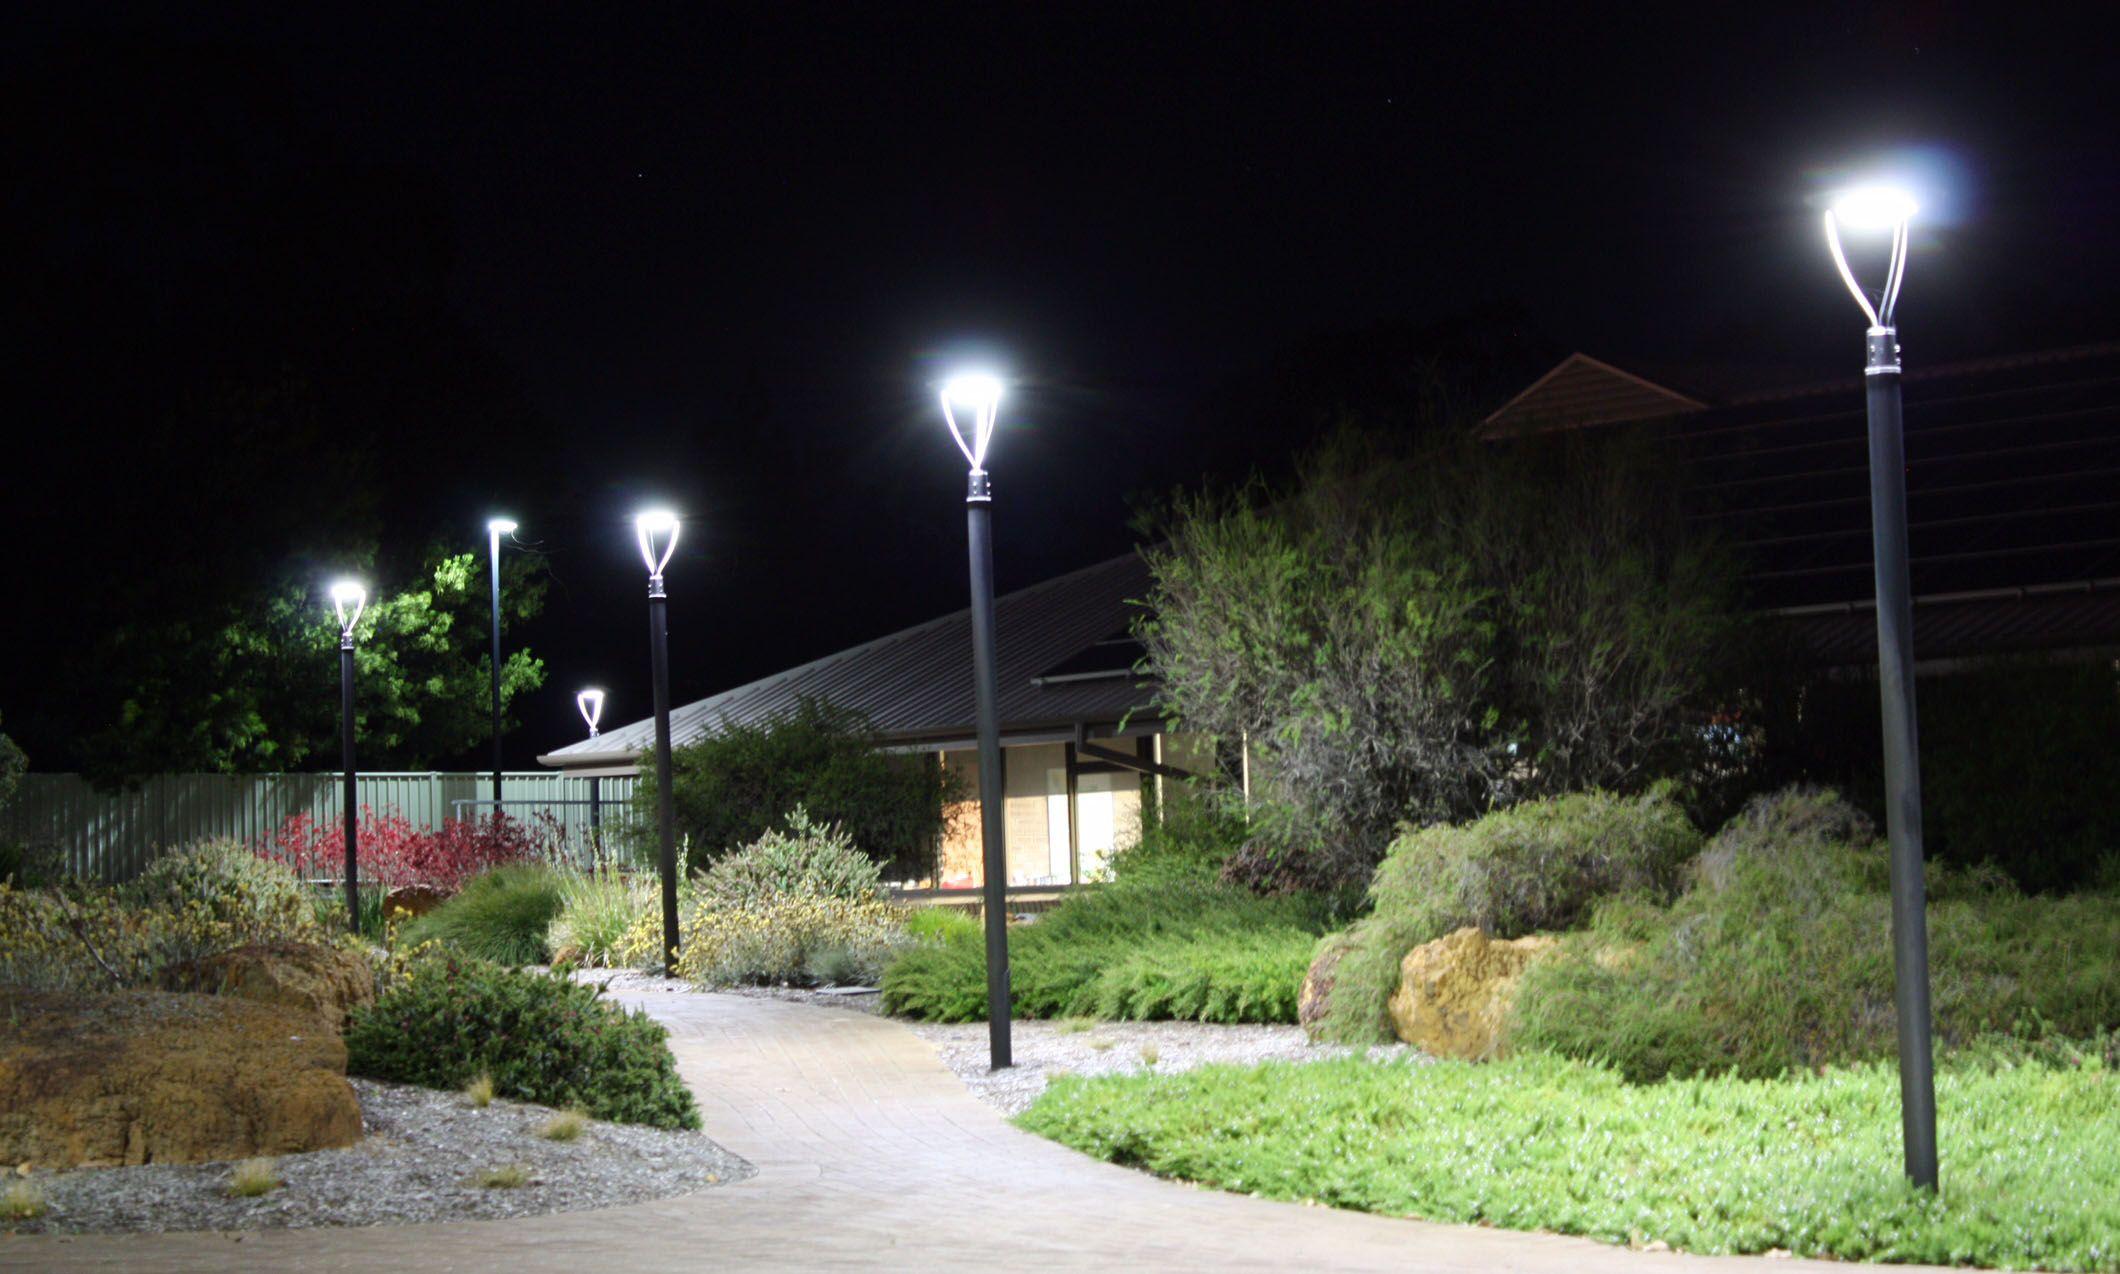 50 Watts 6500 Lumens Led Post Top Lights Okaybulb Led Garden Lights Post Lights Led Outdoor Lighting